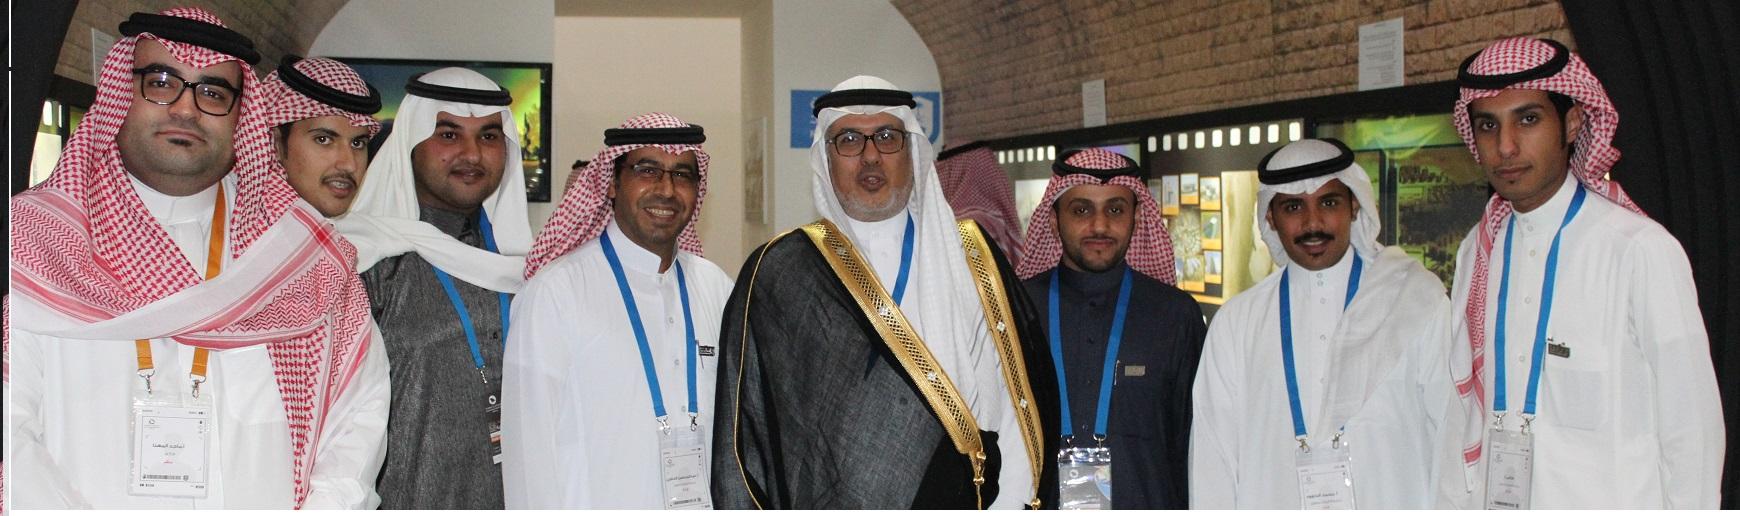 ملتقى الوان المشاركين - لقد تم تمثيل جامعة الملك...